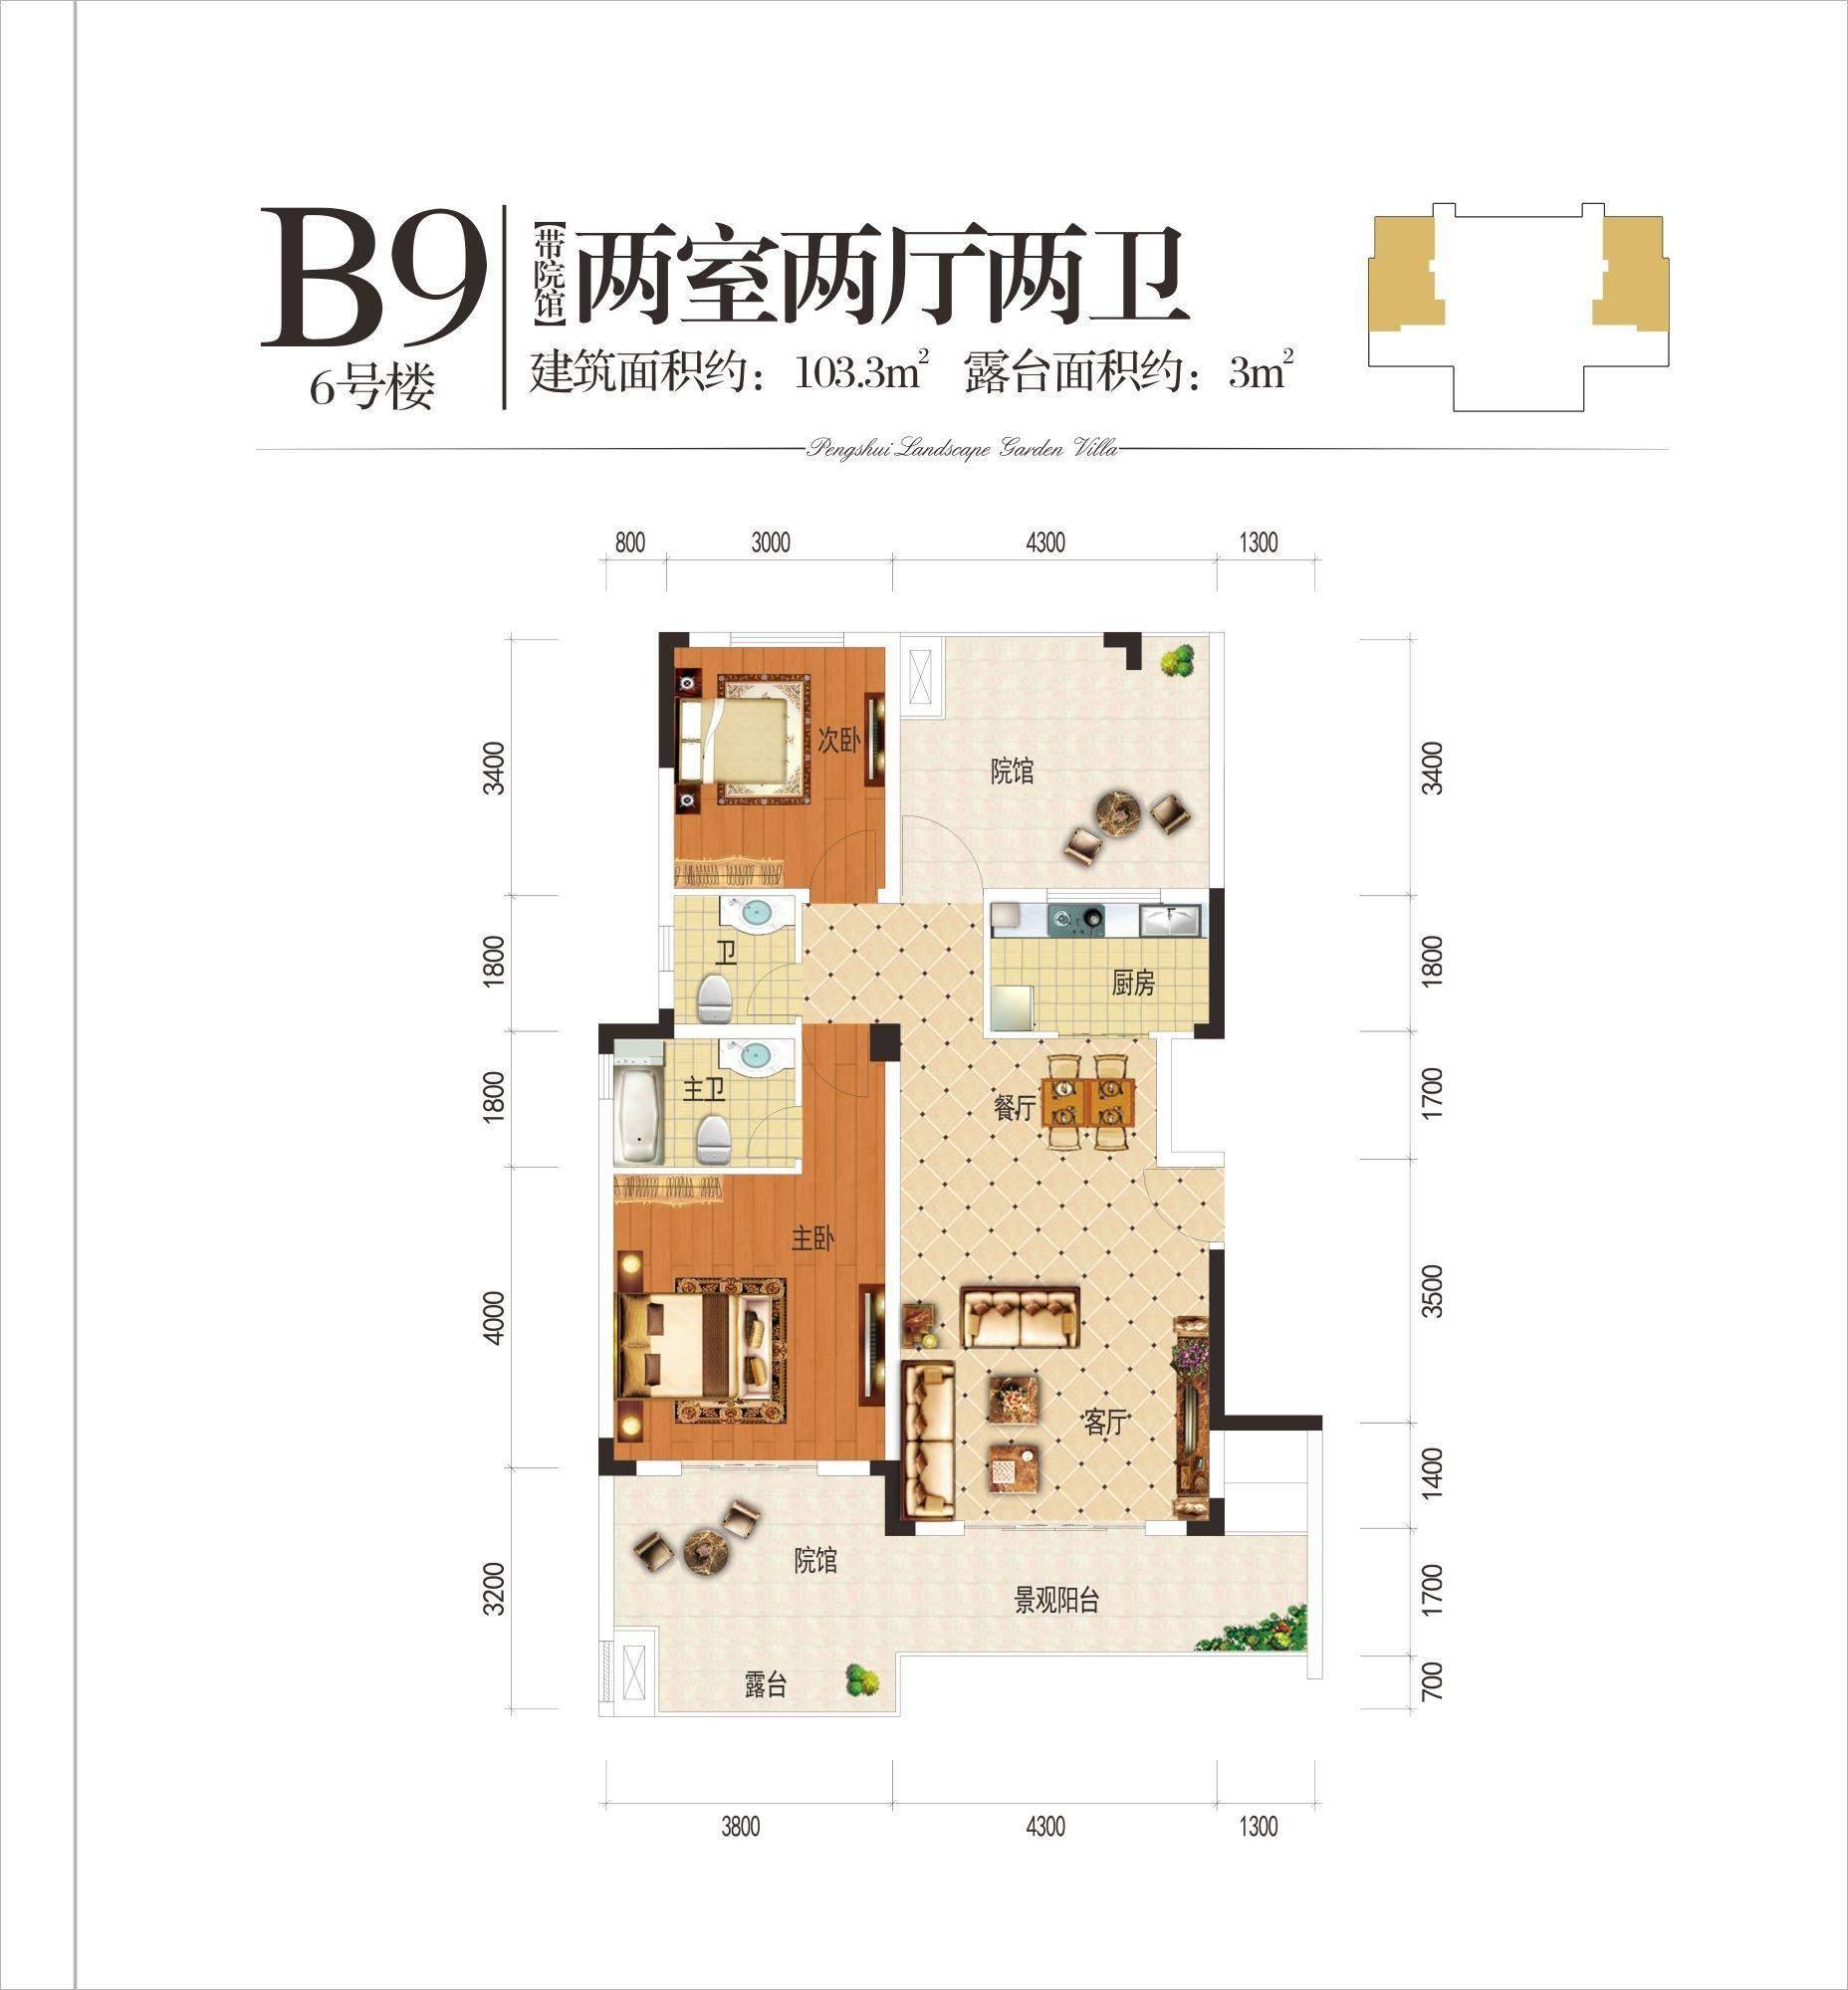 6号楼B9户型